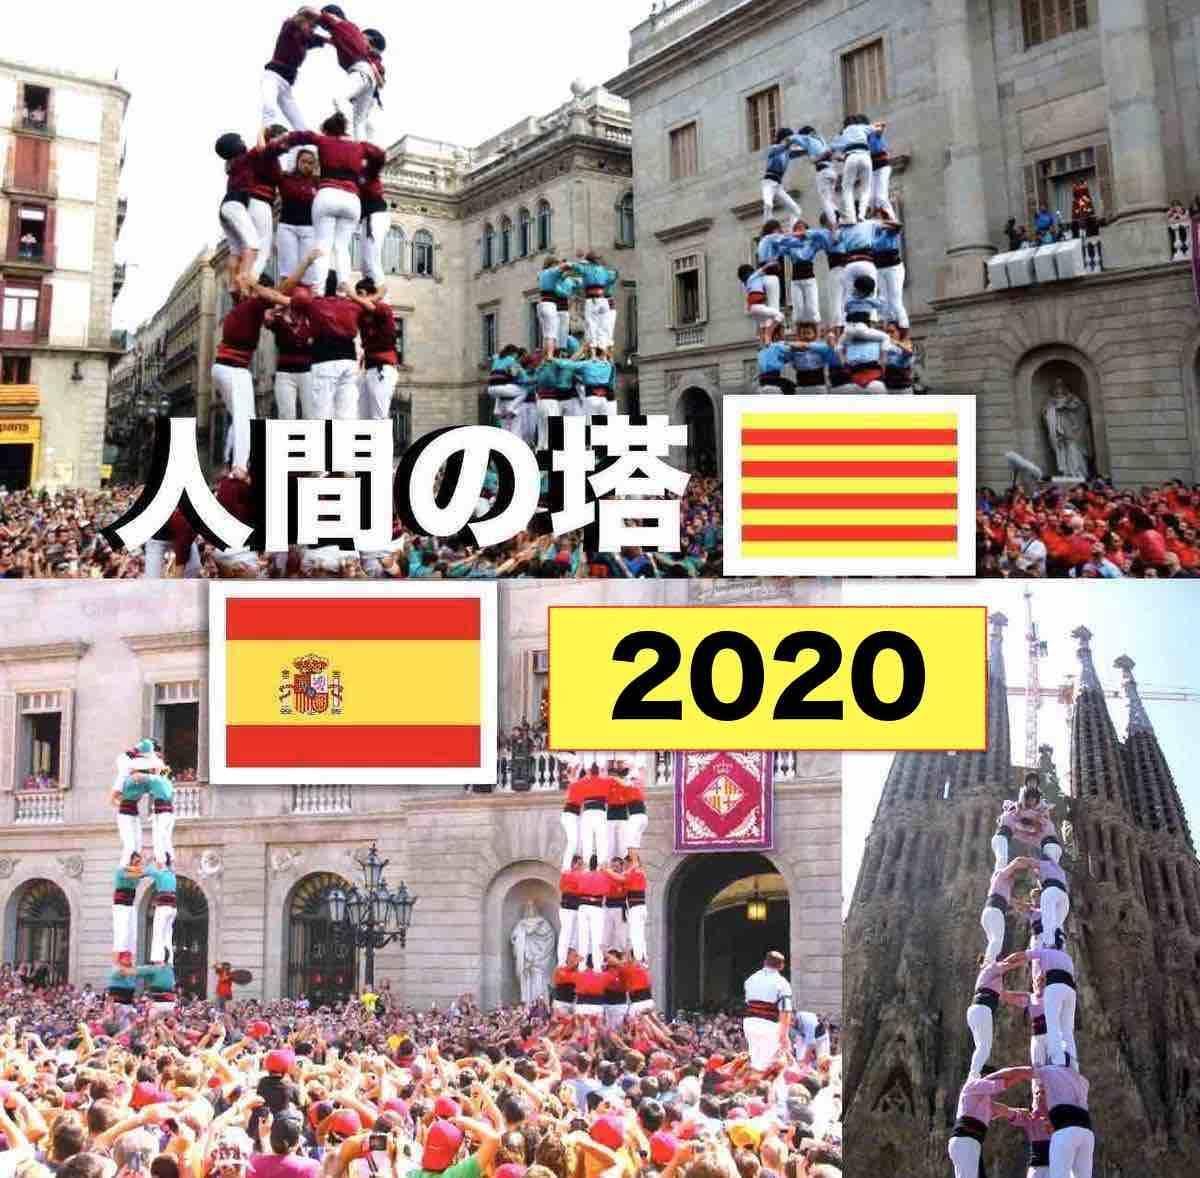 f:id:kaedetaniyoshi:20200226211254j:plain